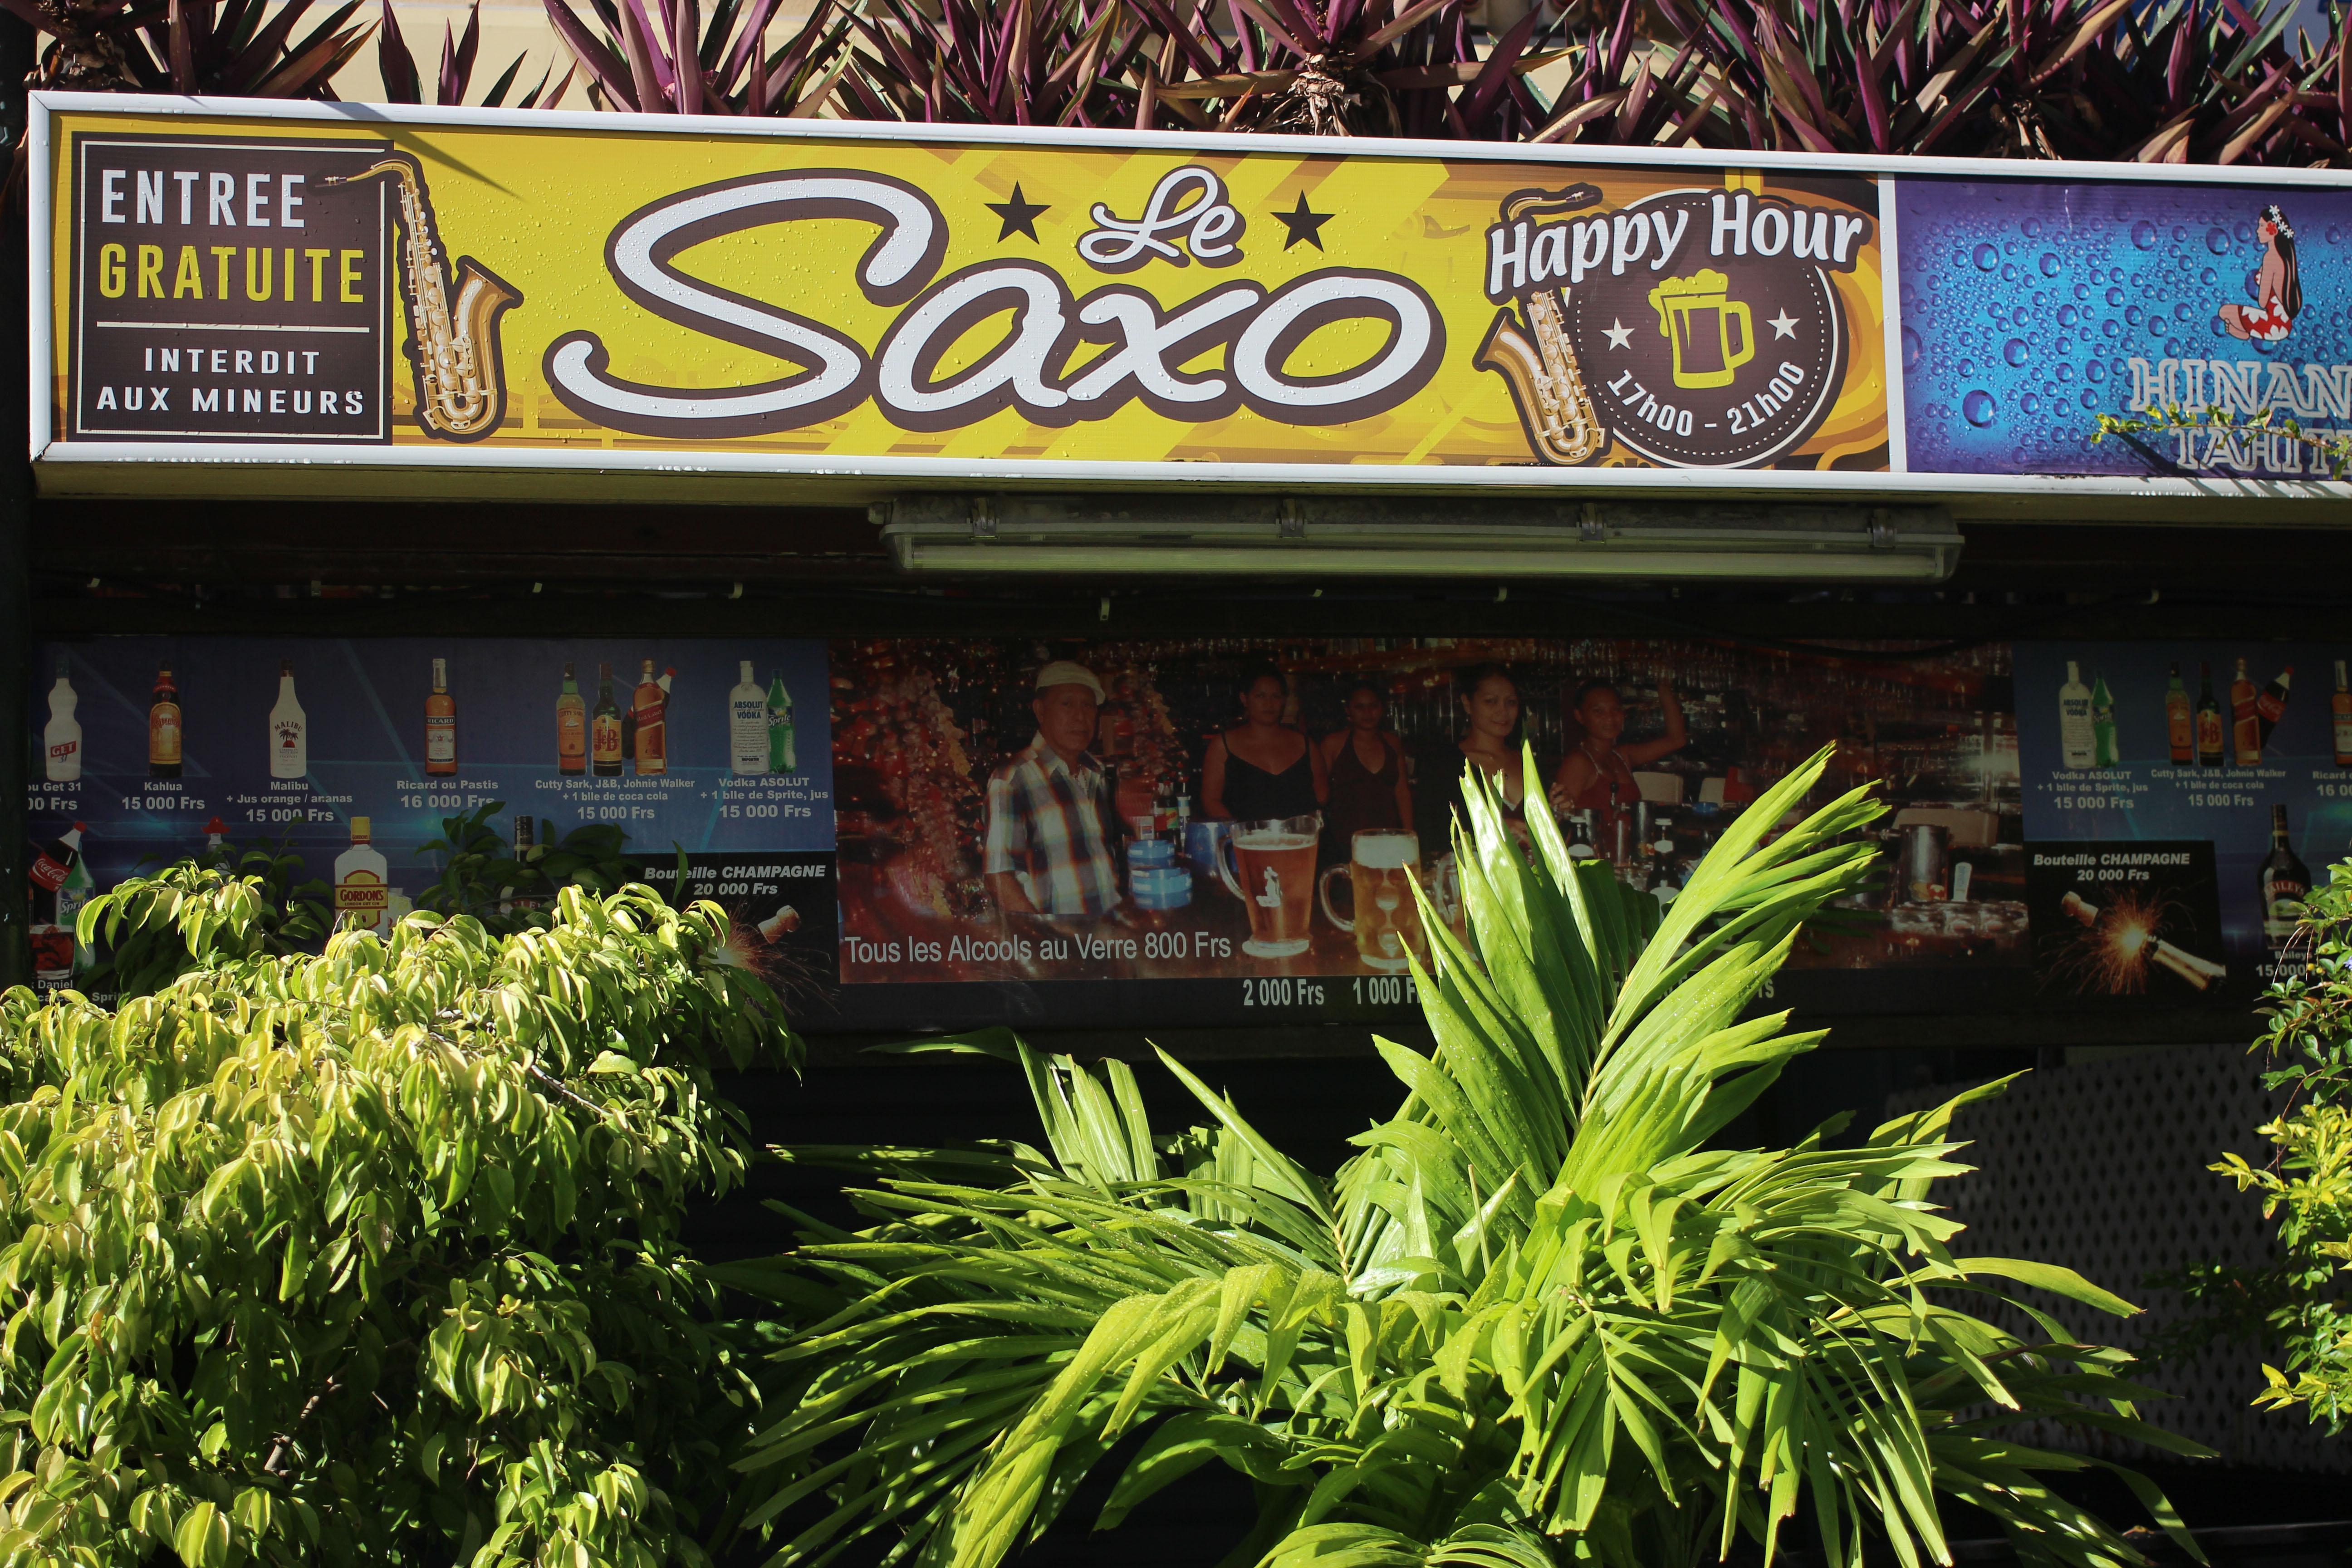 Le Saxo condamné pour avoir vendu de l'alcool à des mineurs